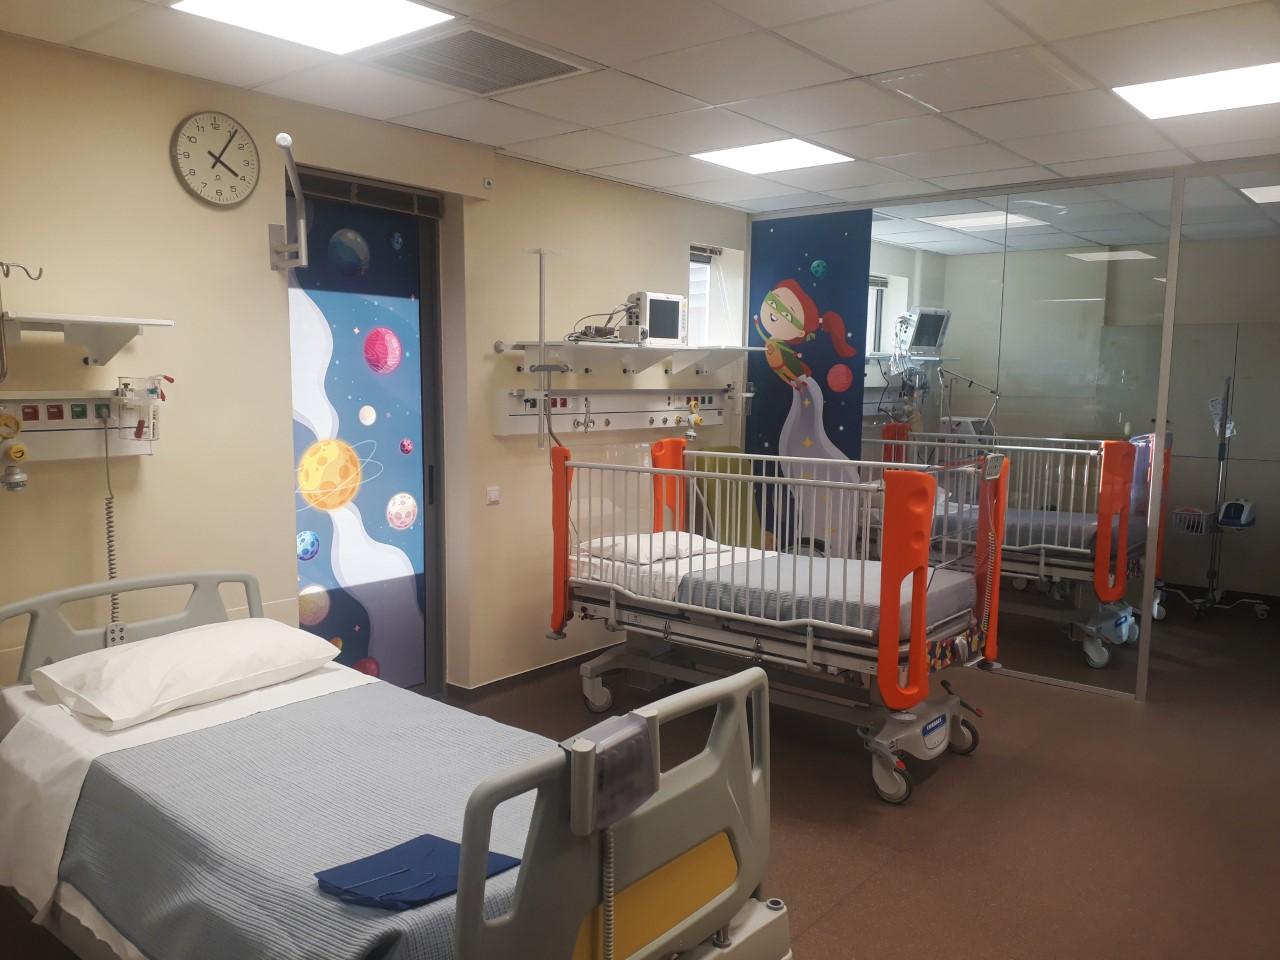 Η Ευρωκλινική Παίδων εγκαινιάζει τη Νέα Μονάδα Εντατικής Θεραπείας (Μ.Ε.Θ) για τους μικρούς ασθενείς